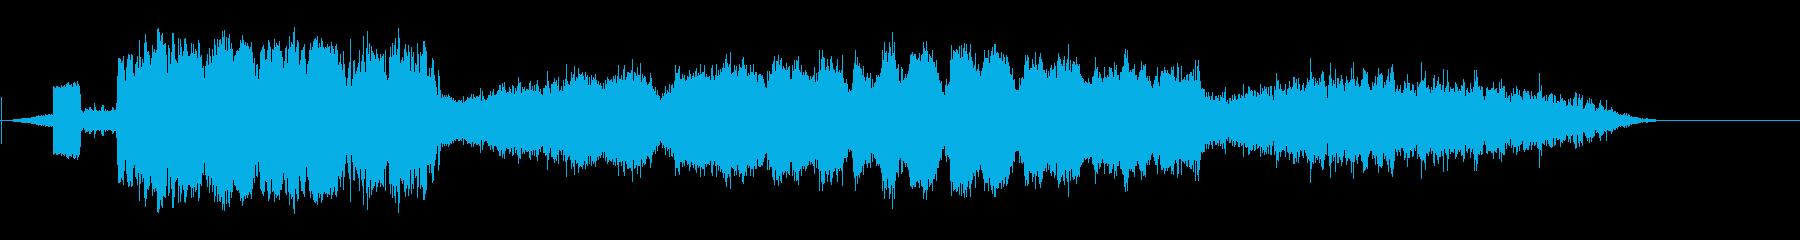 蒸気機関車通過の再生済みの波形